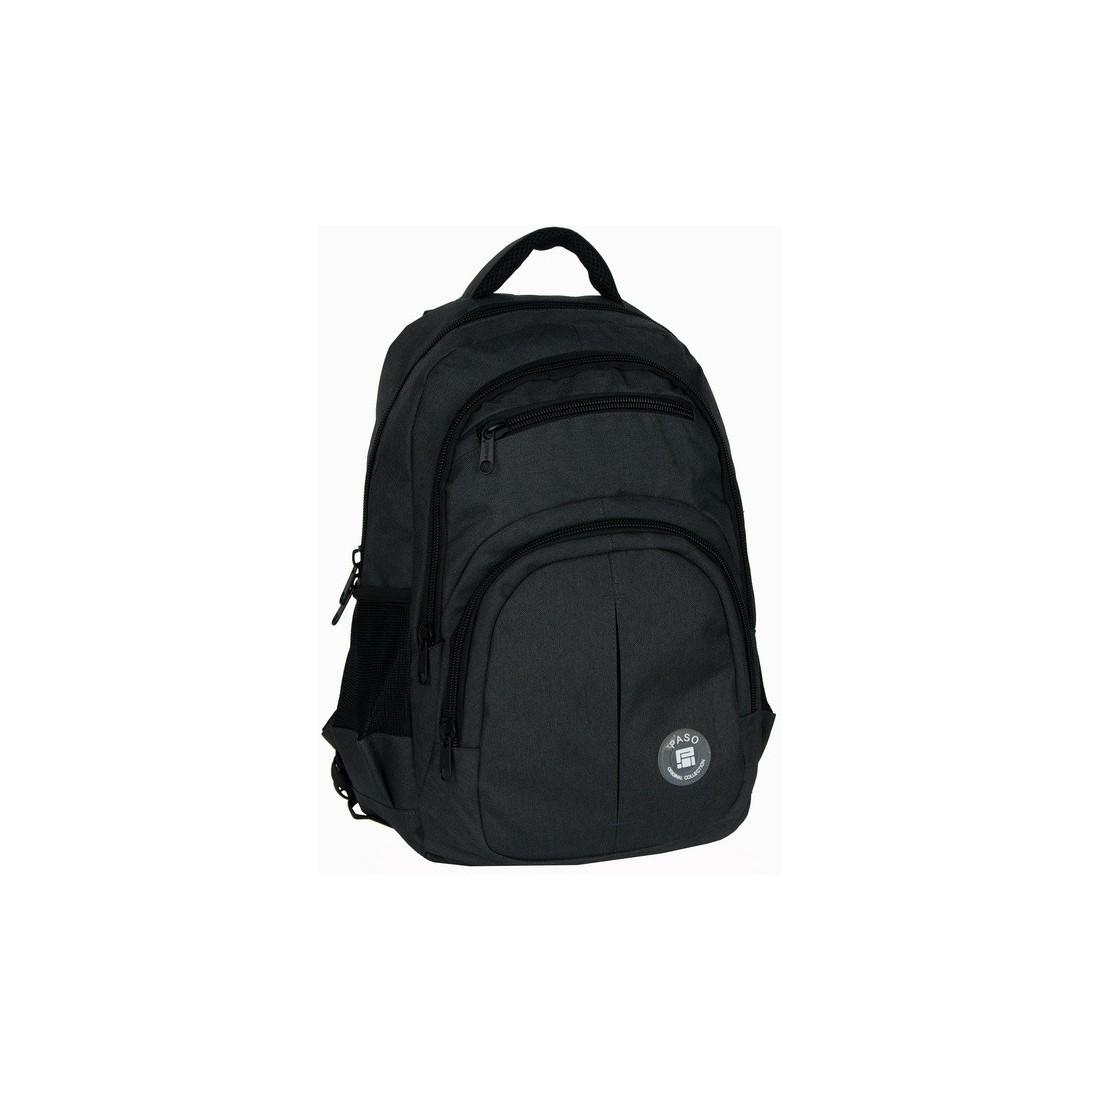 Plecak młodzieżowy czarny original collection